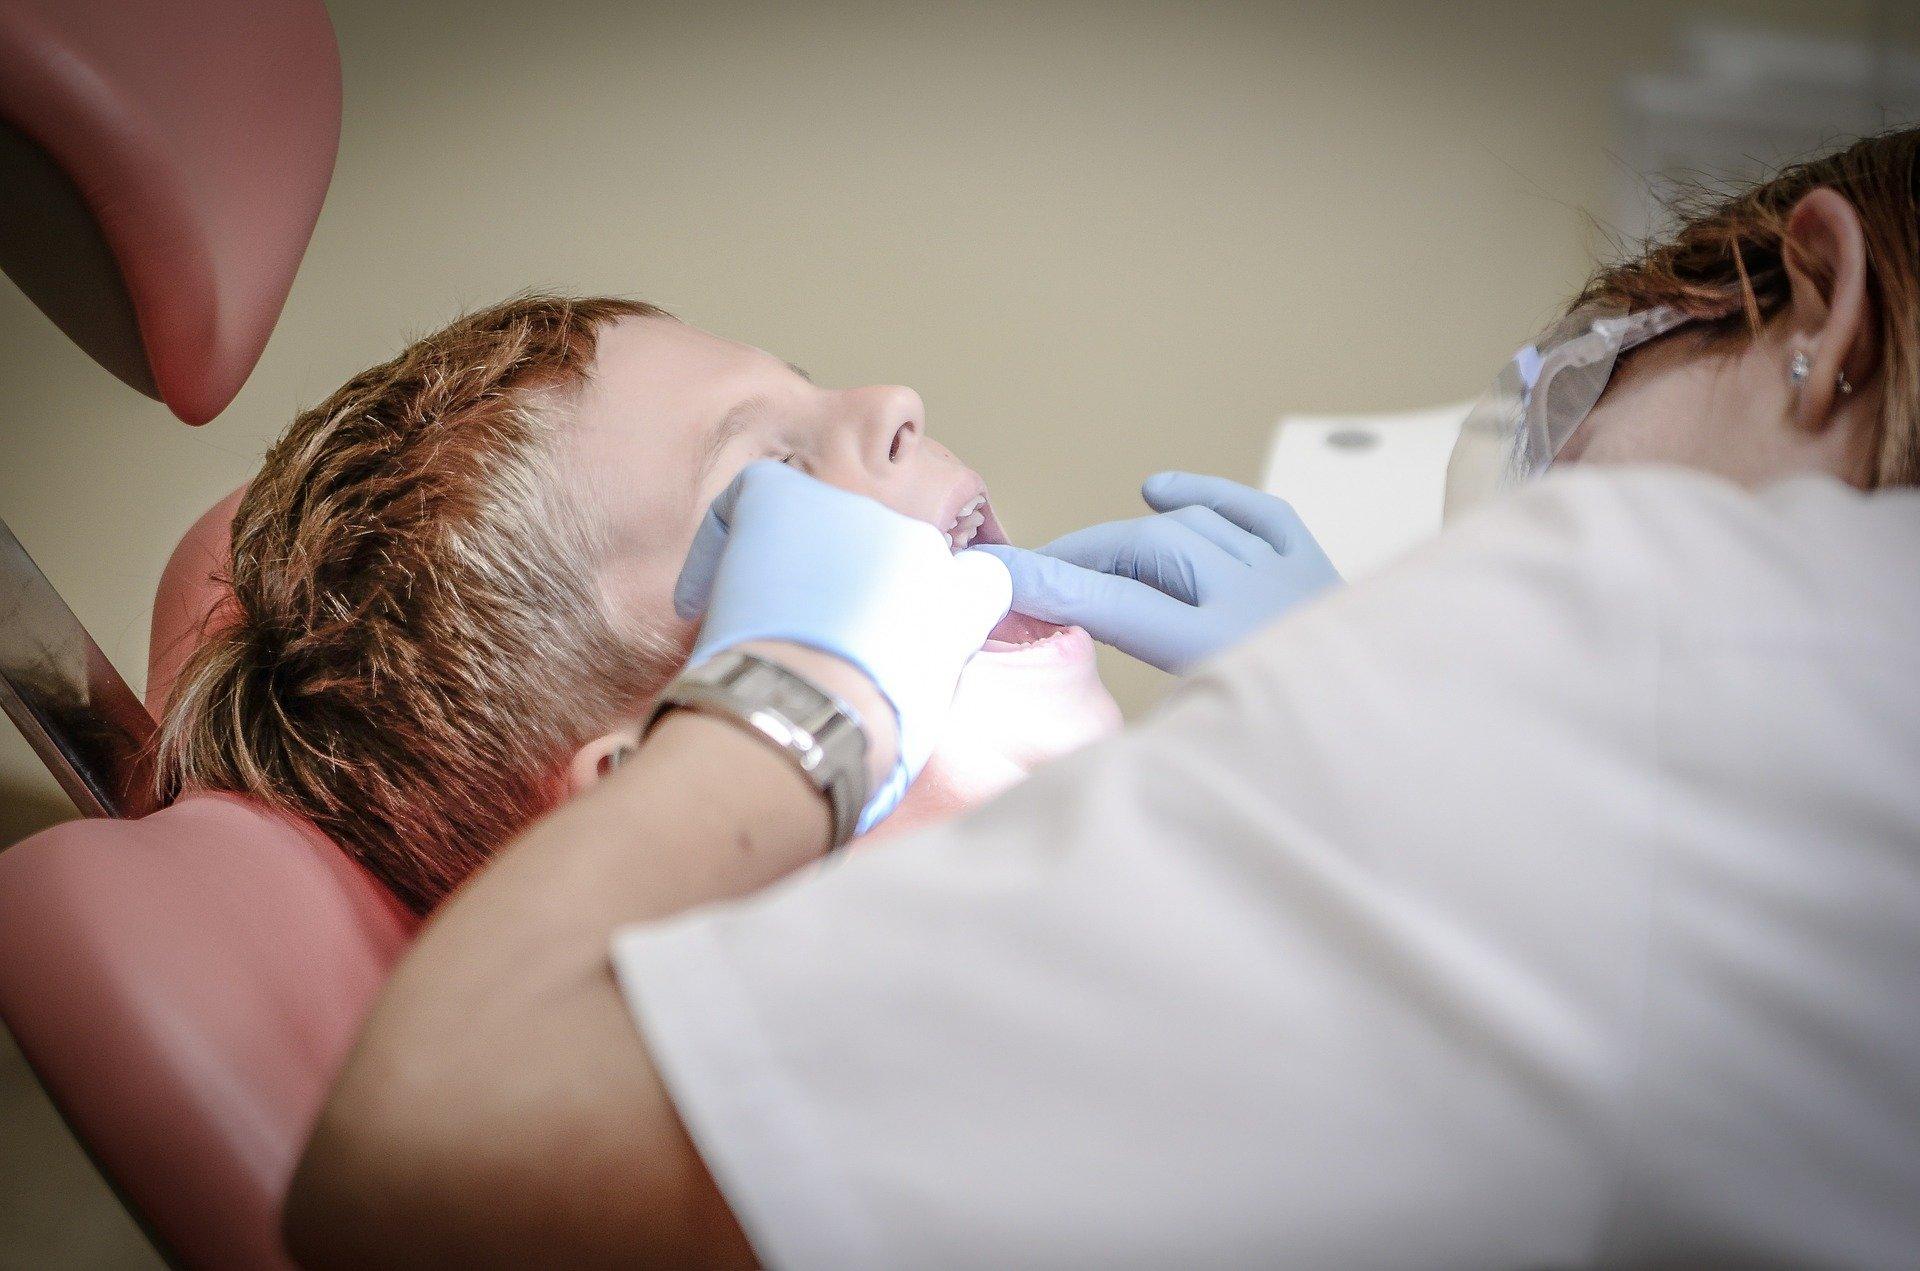 Appareil dentaire à ultrasons : ce qu'il faut savoir